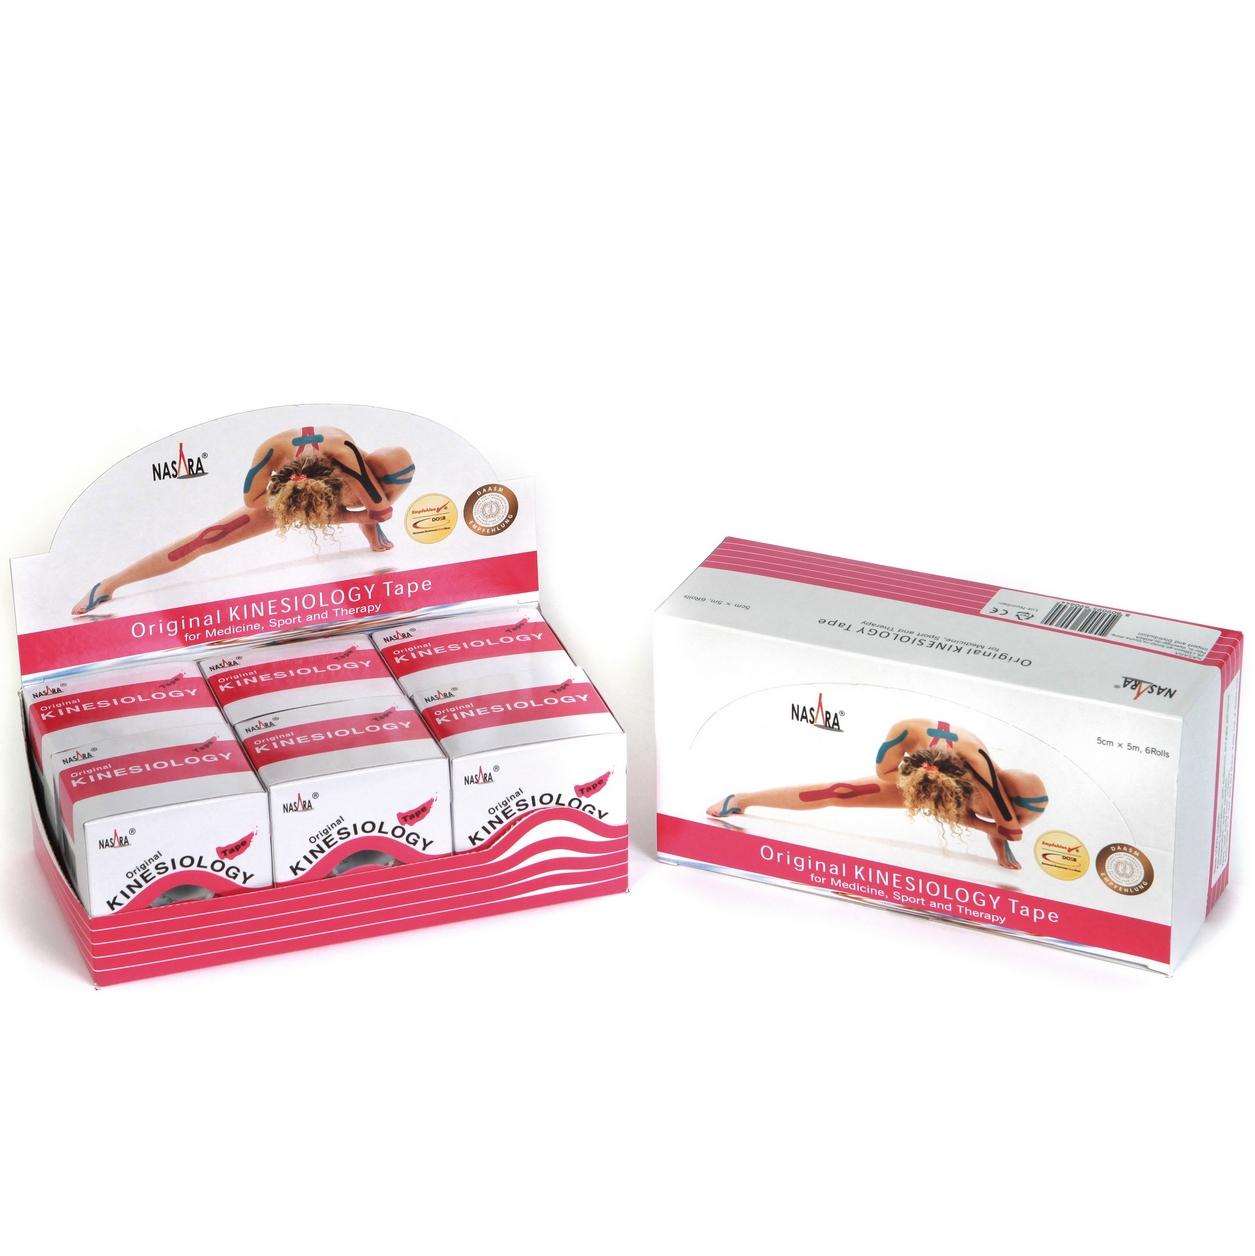 Nasara Kinesiology Tape 6er Box - Pink